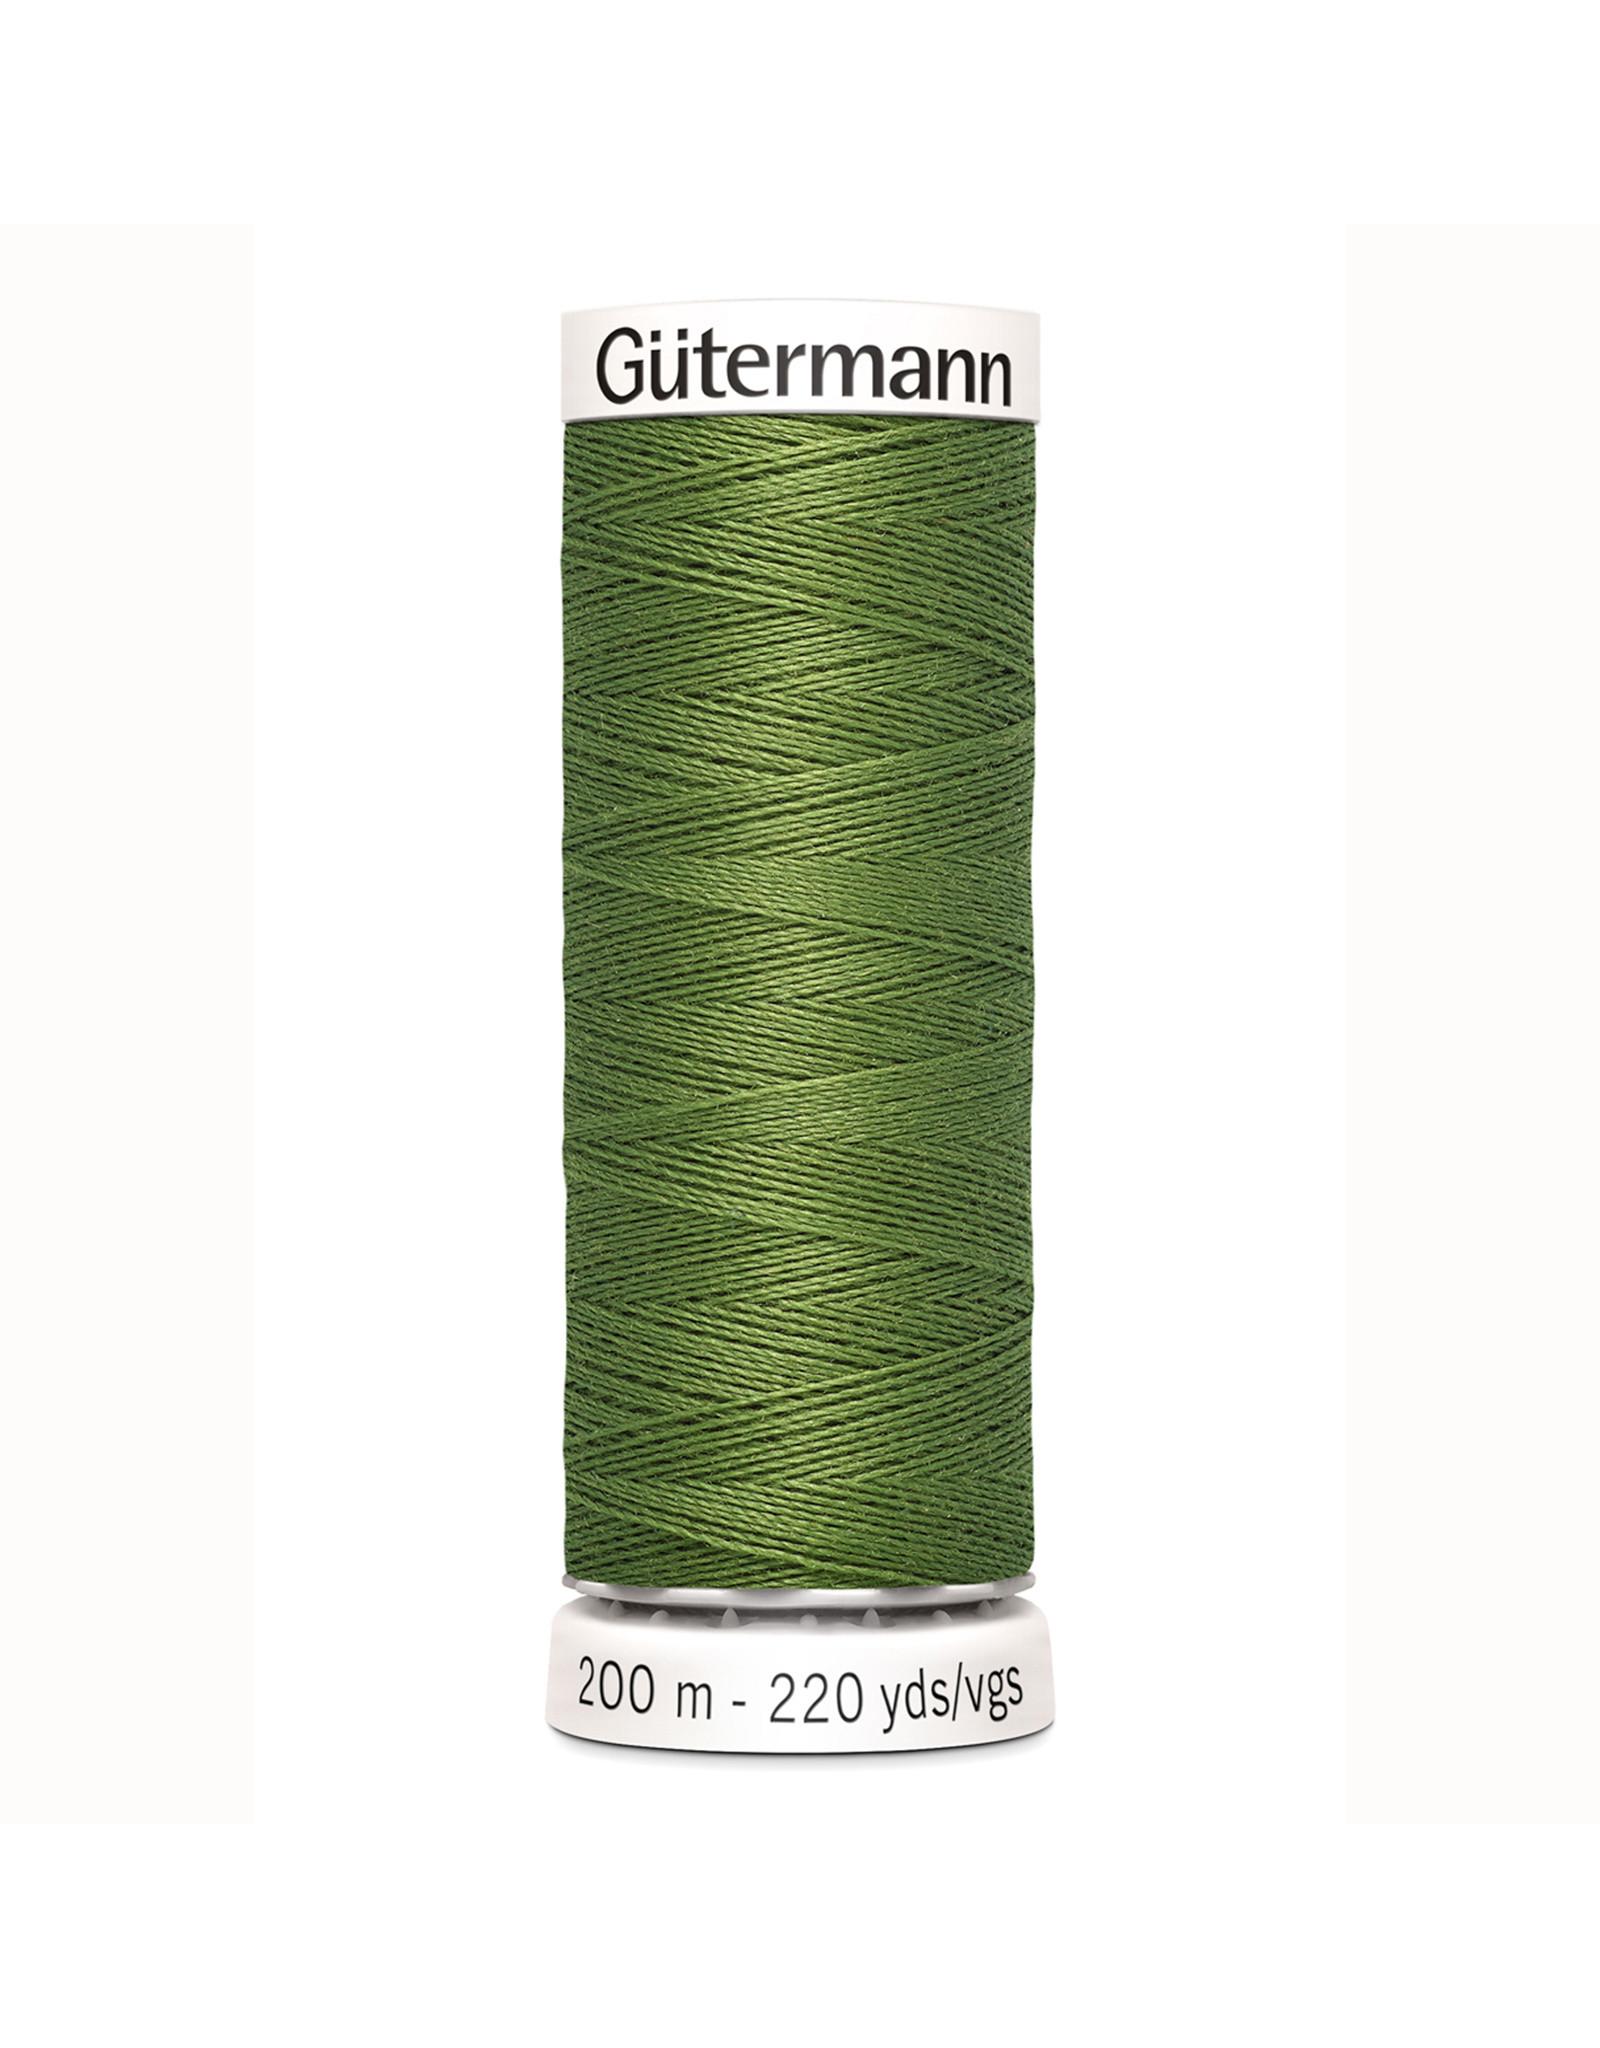 Gütermann Gütermann Nähgarn 200 m - nr 283